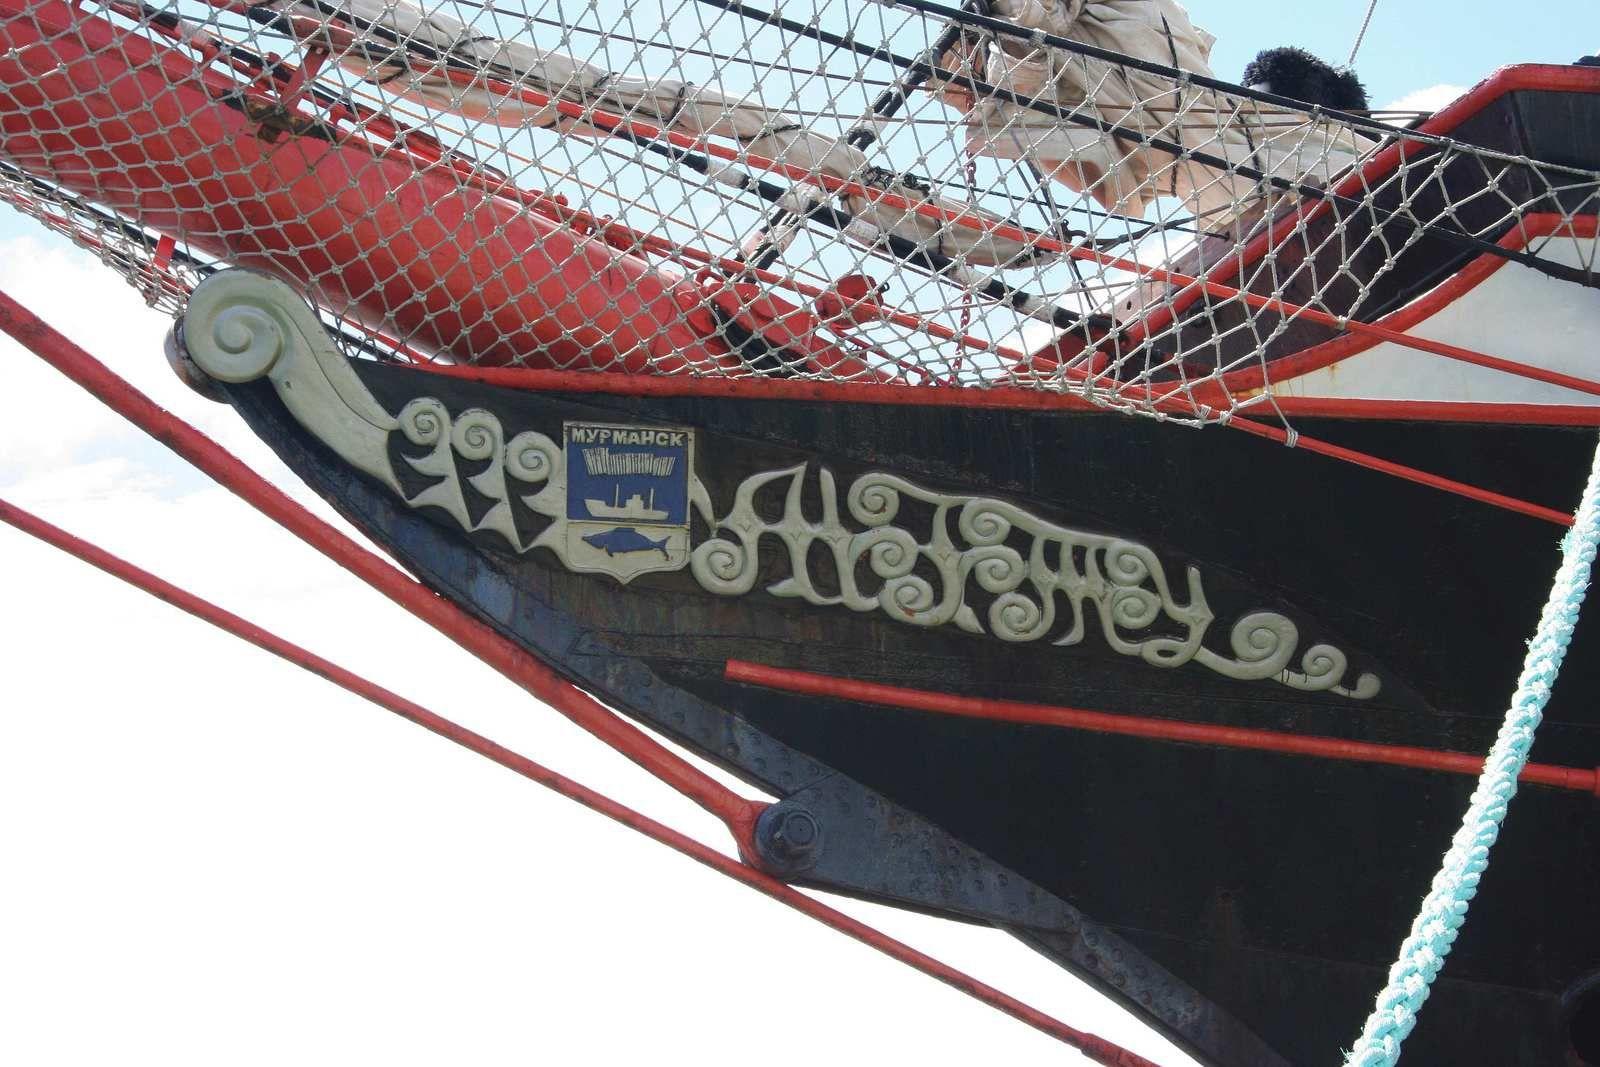 233 -   Voilier Ecole SEDOV, СЕДОВ, quatre-mâts-barque russe 1921, Chantier Friedrich Krupp, Kiel, deutschland, caractéristiques, voiliers traditionnels, photos GeoMar